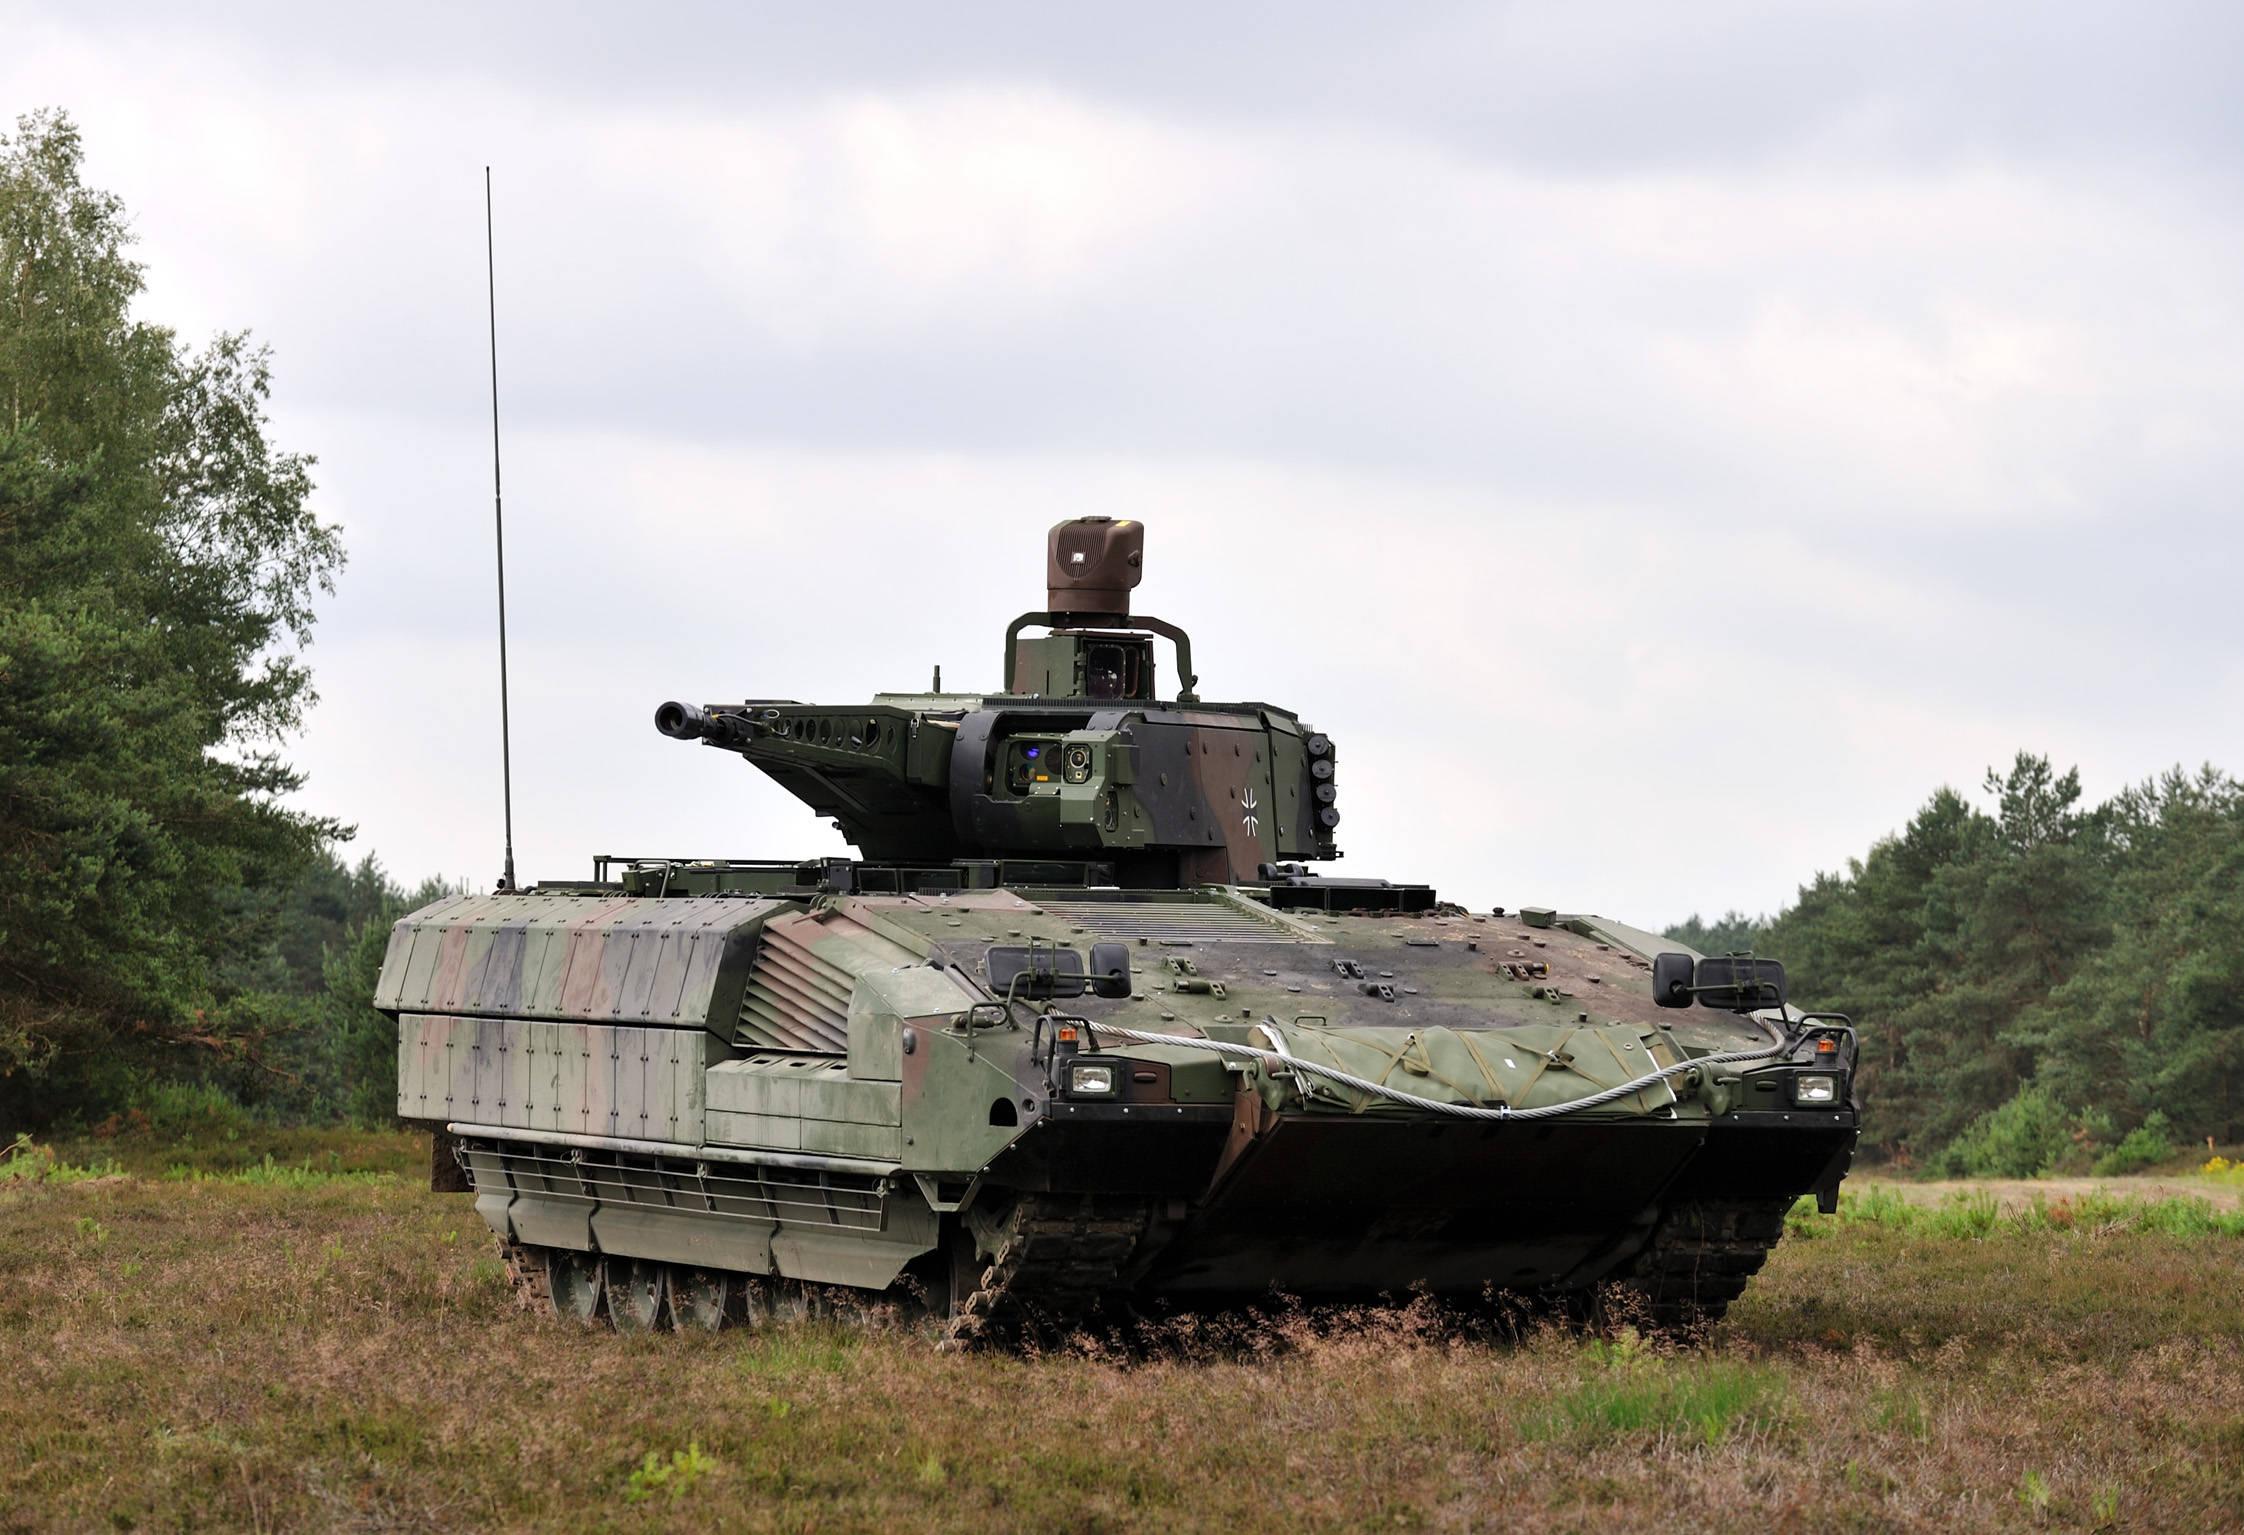 德国陆战王牌,其工艺精湛,颜值极佳的步兵战车